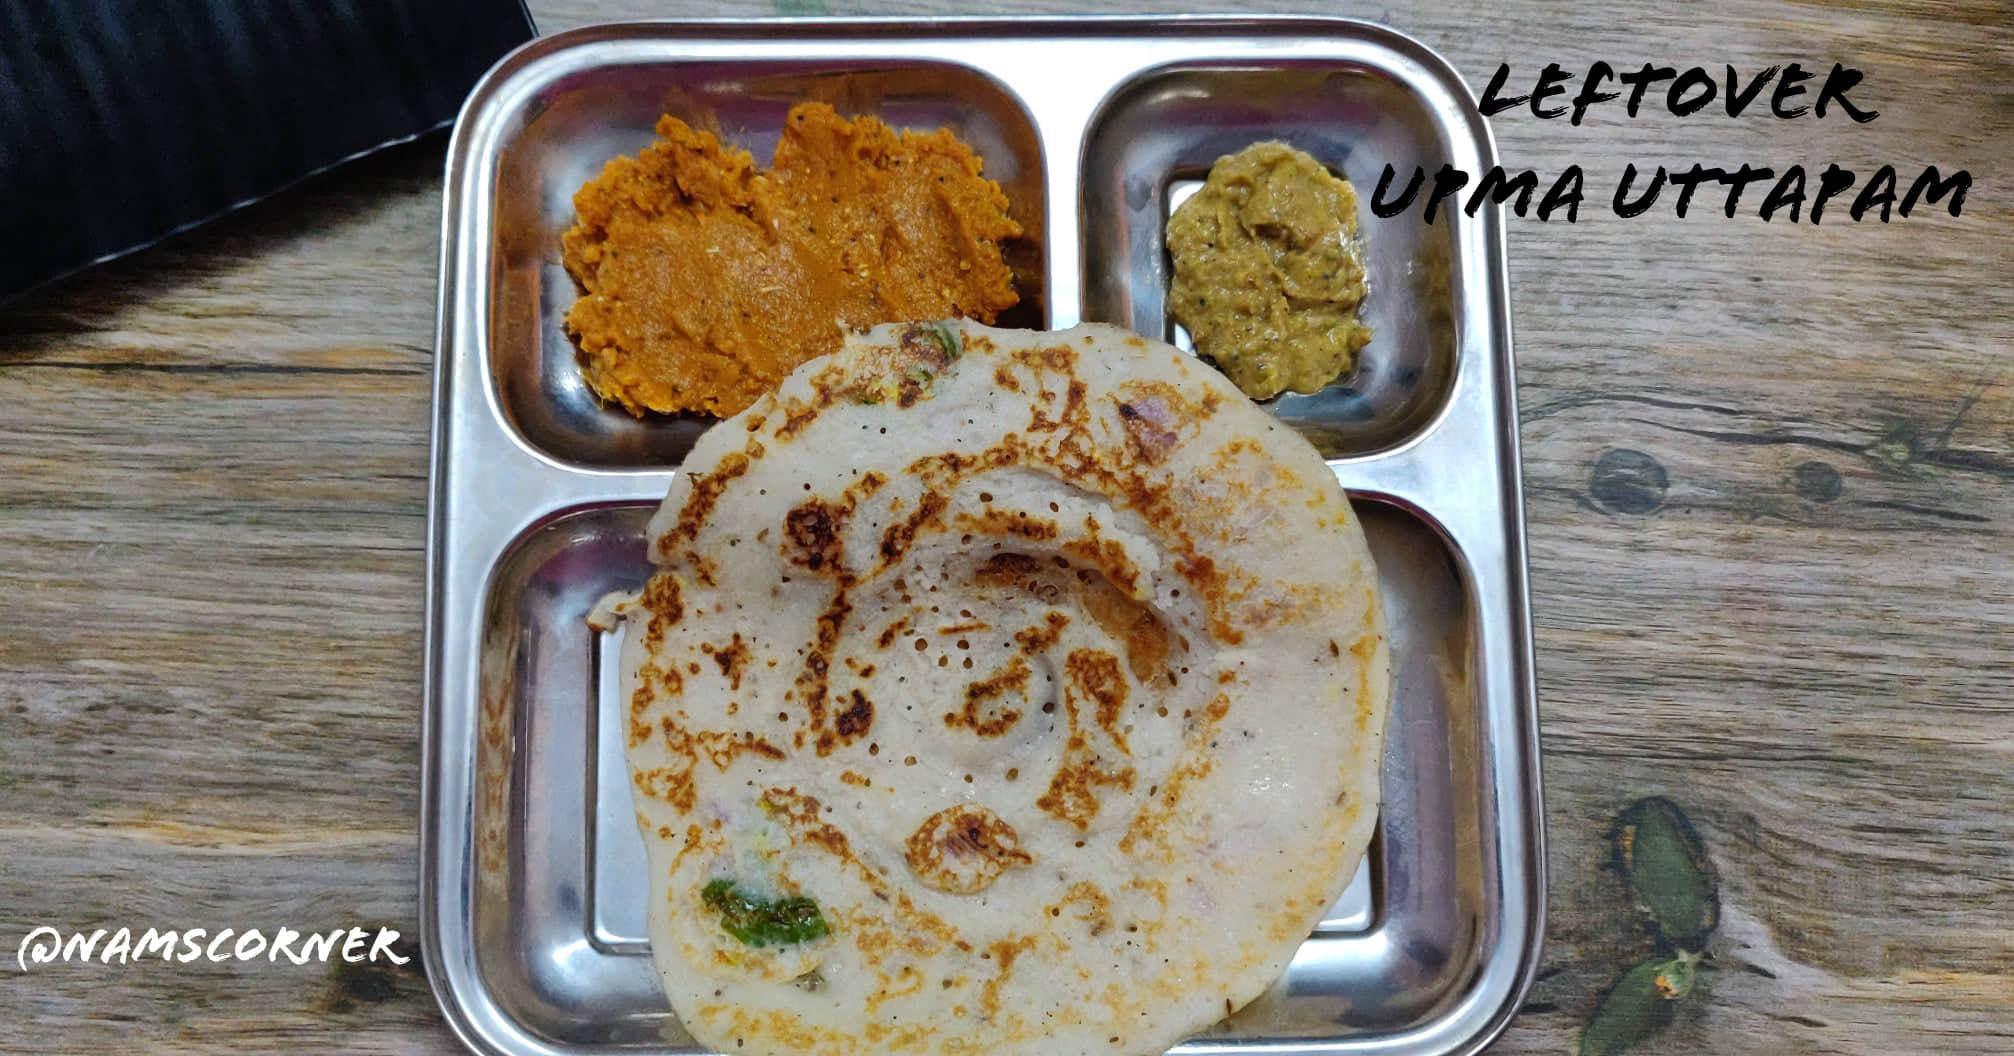 Upma Uttapam Recipe | Leftover Upma Uttapam